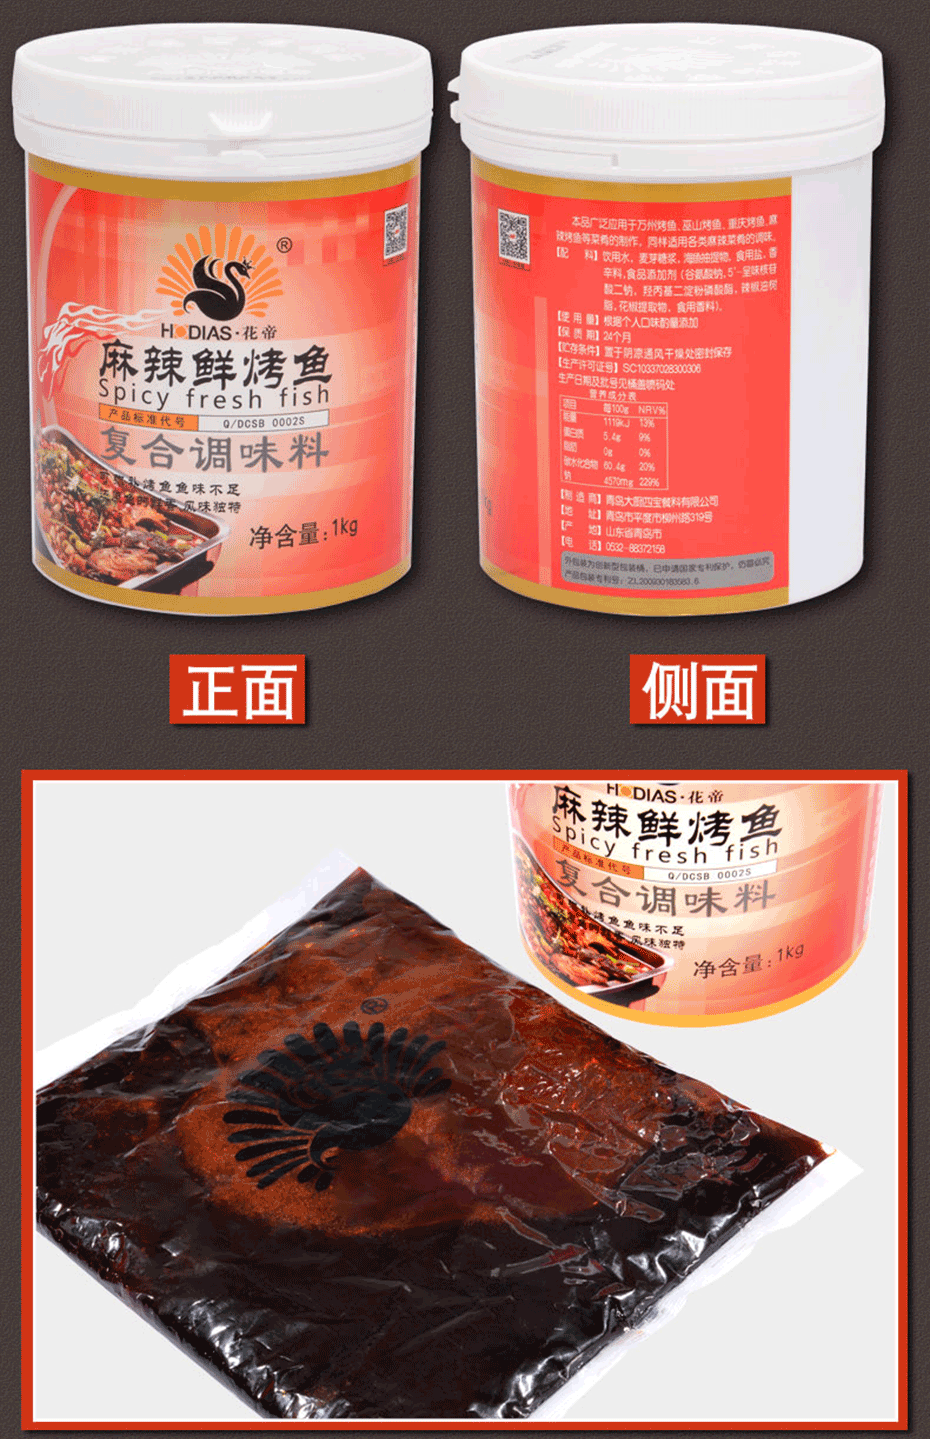 麻辣鲜烤鱼调味料